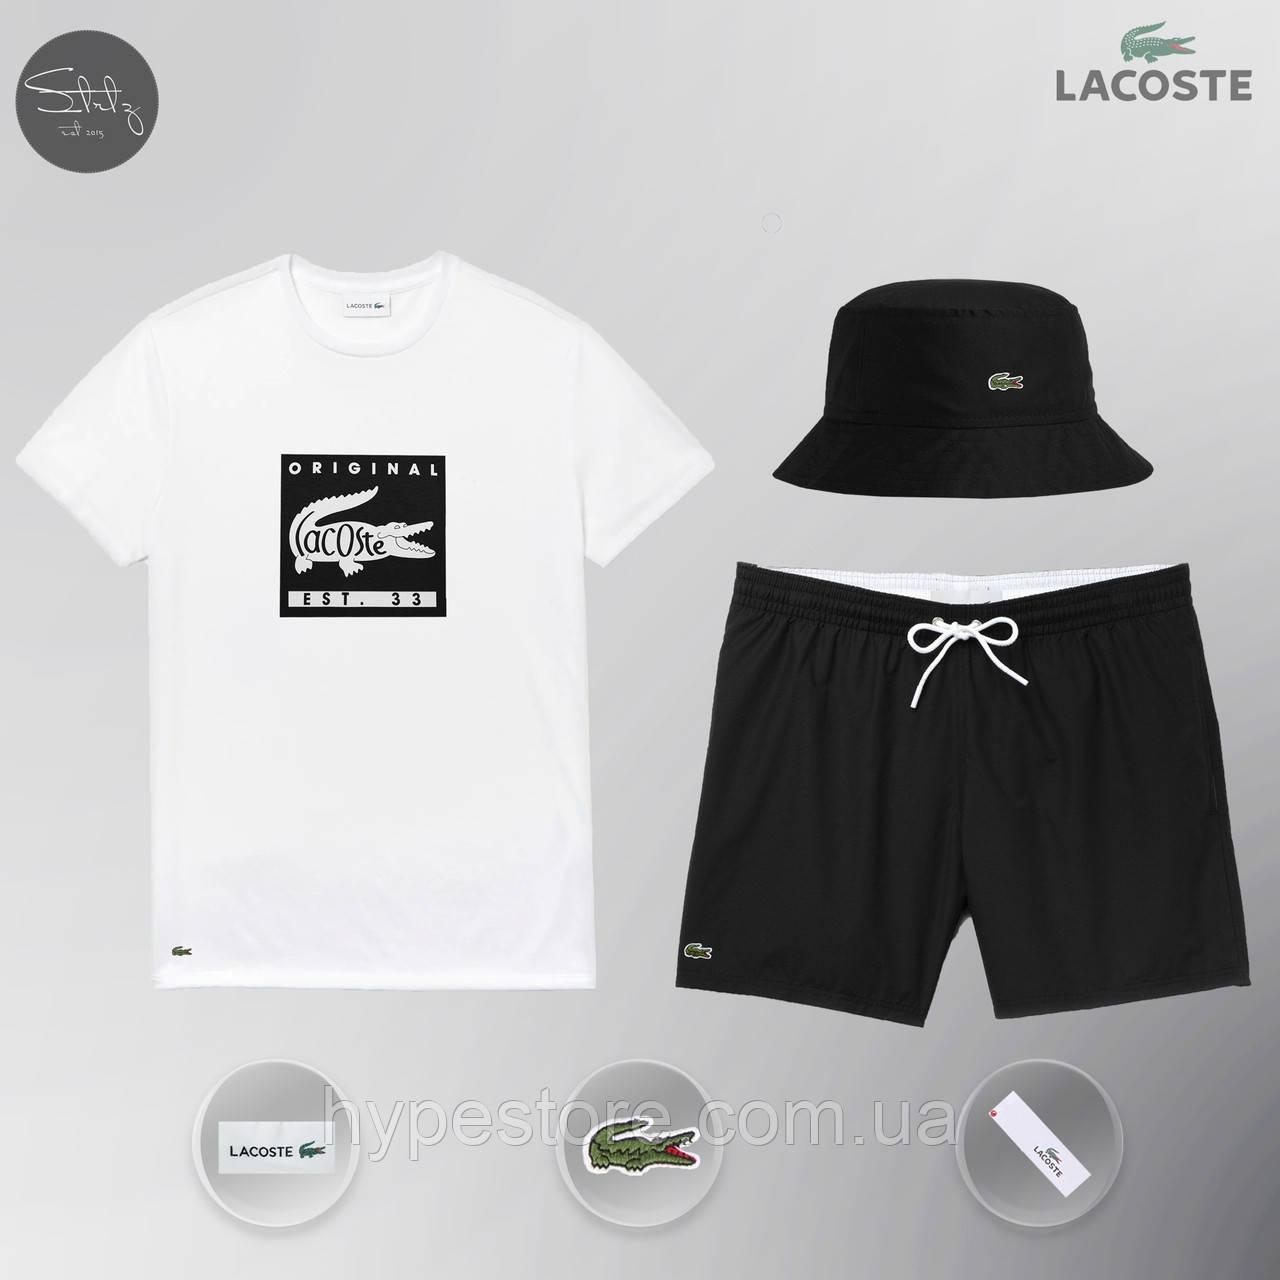 Мужской спортивный костюм, мужской пляжный комплект Lacoste Original, шорты+футболка, ТОП-Реплика